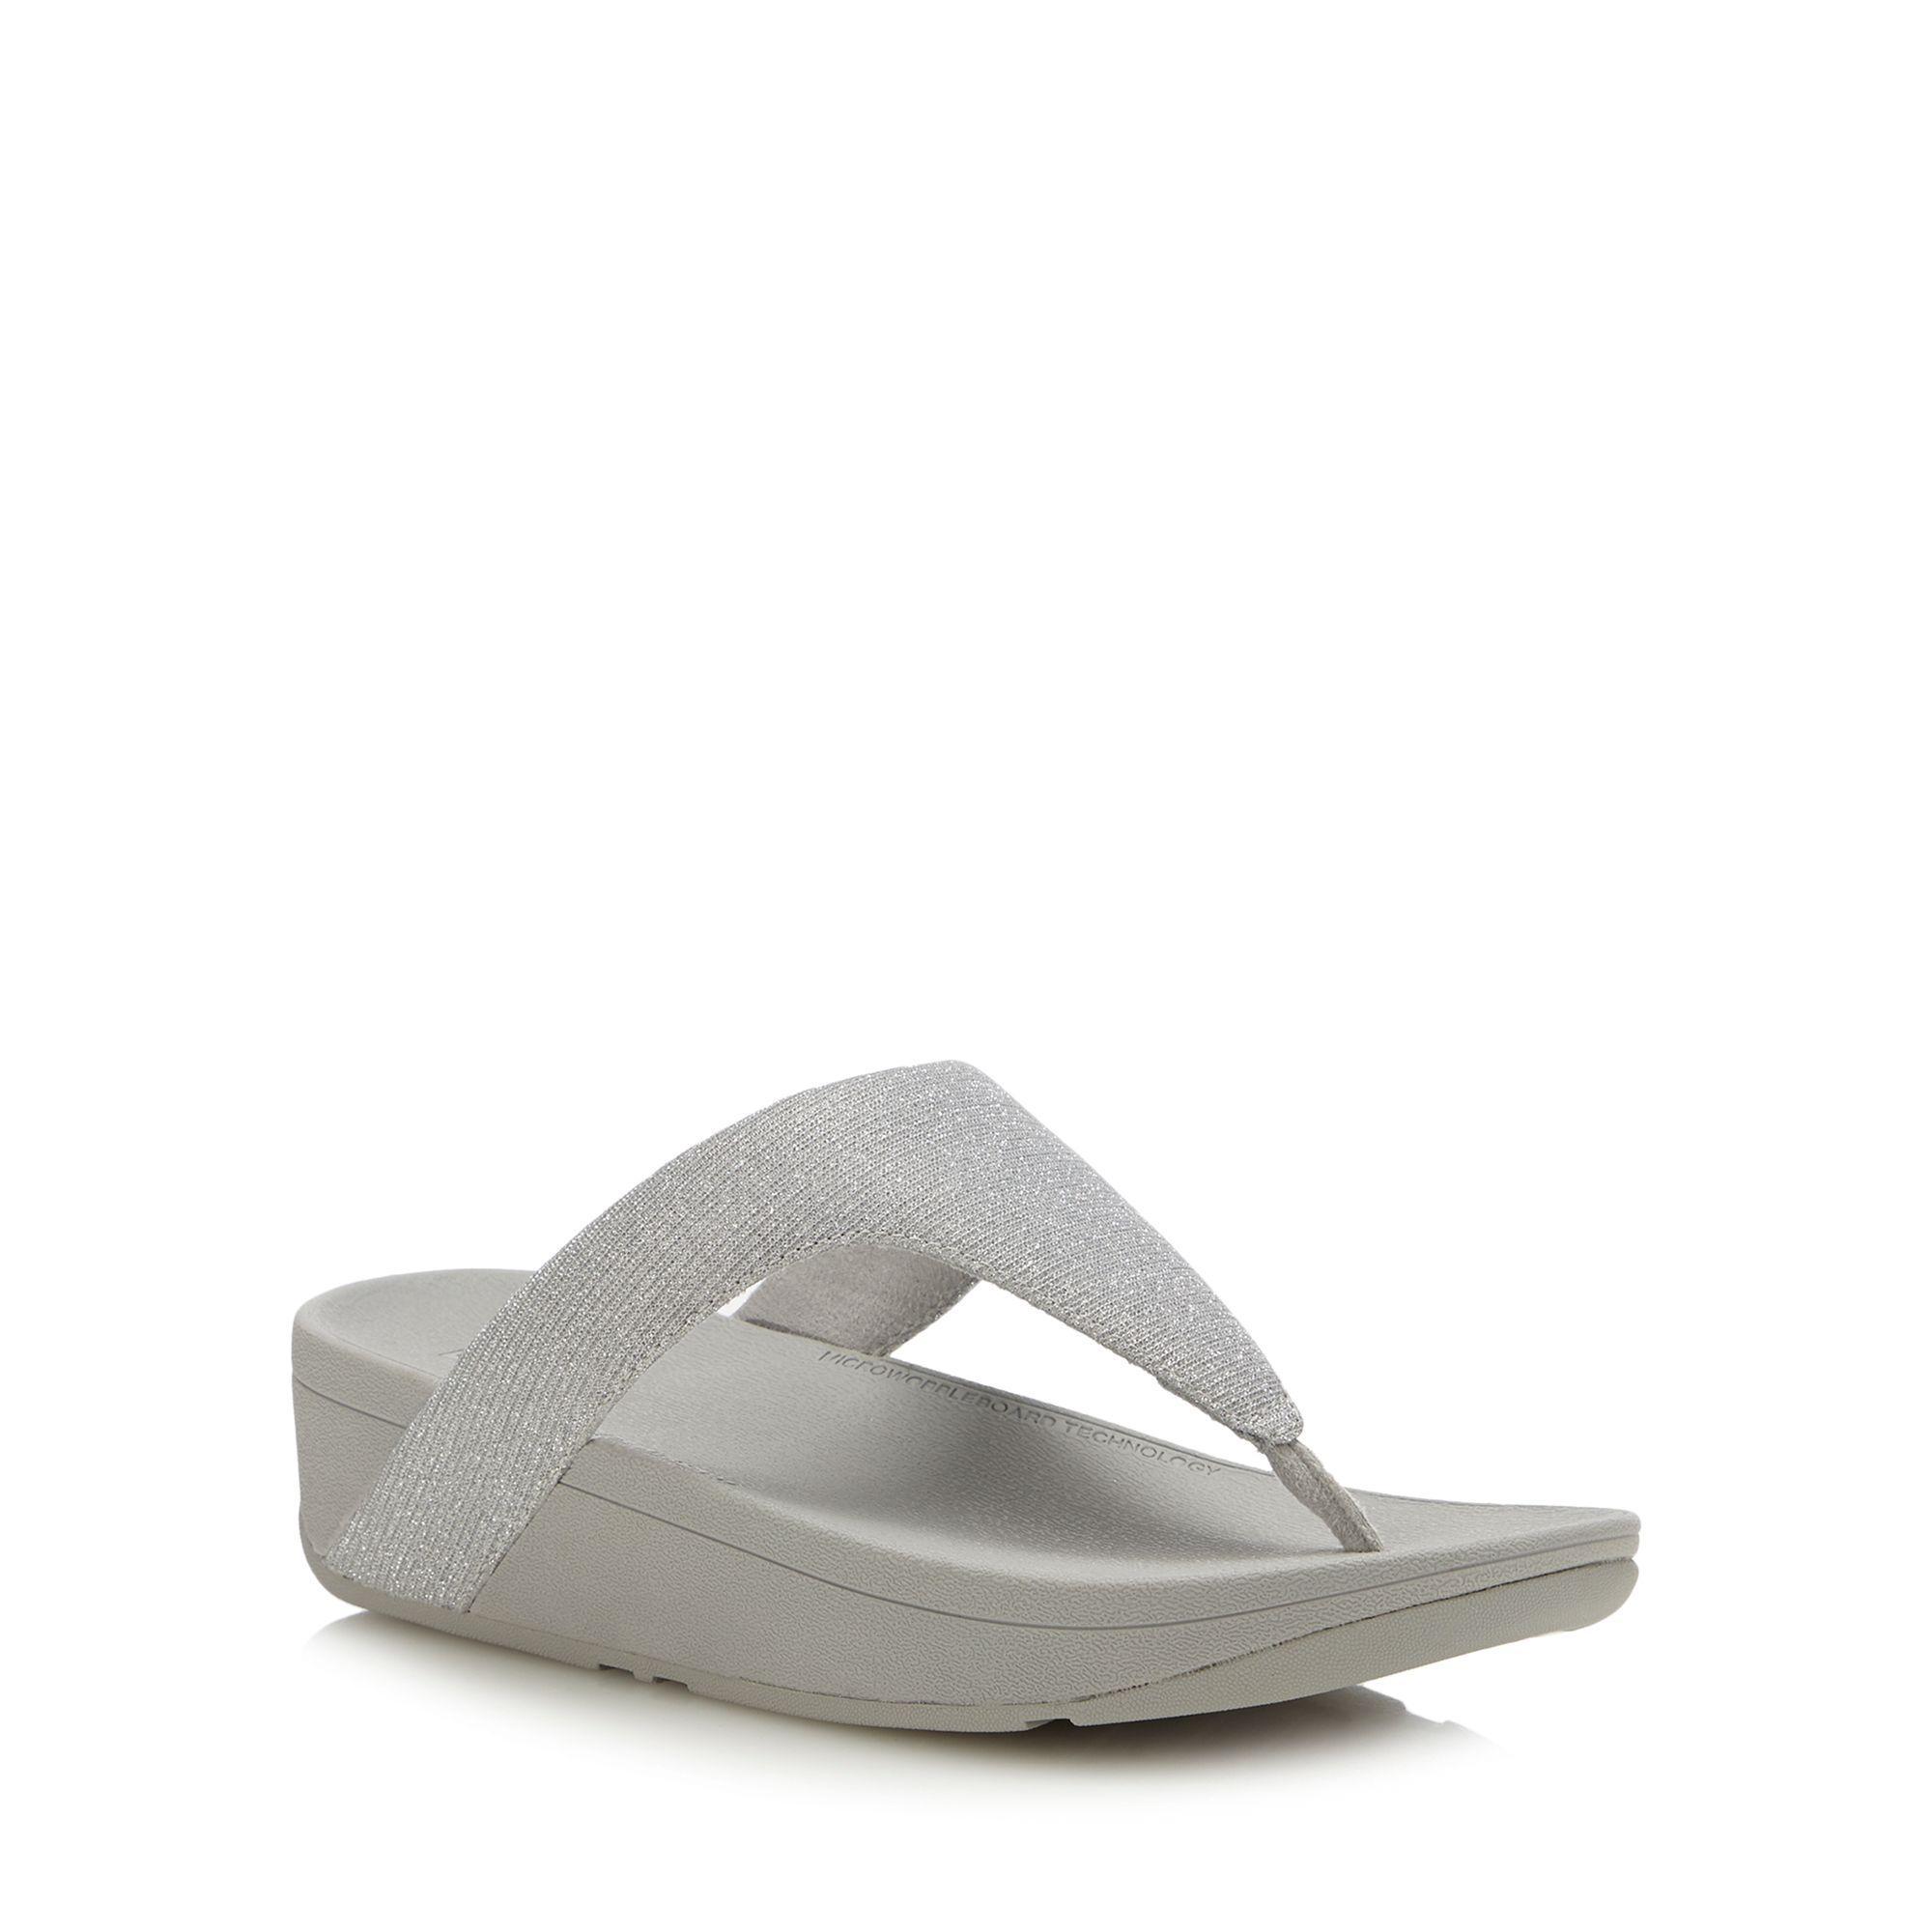 aab271e7c93e Fitflop Silver  lottie Glitzy  Wedge Heel Sandals in Metallic - Lyst